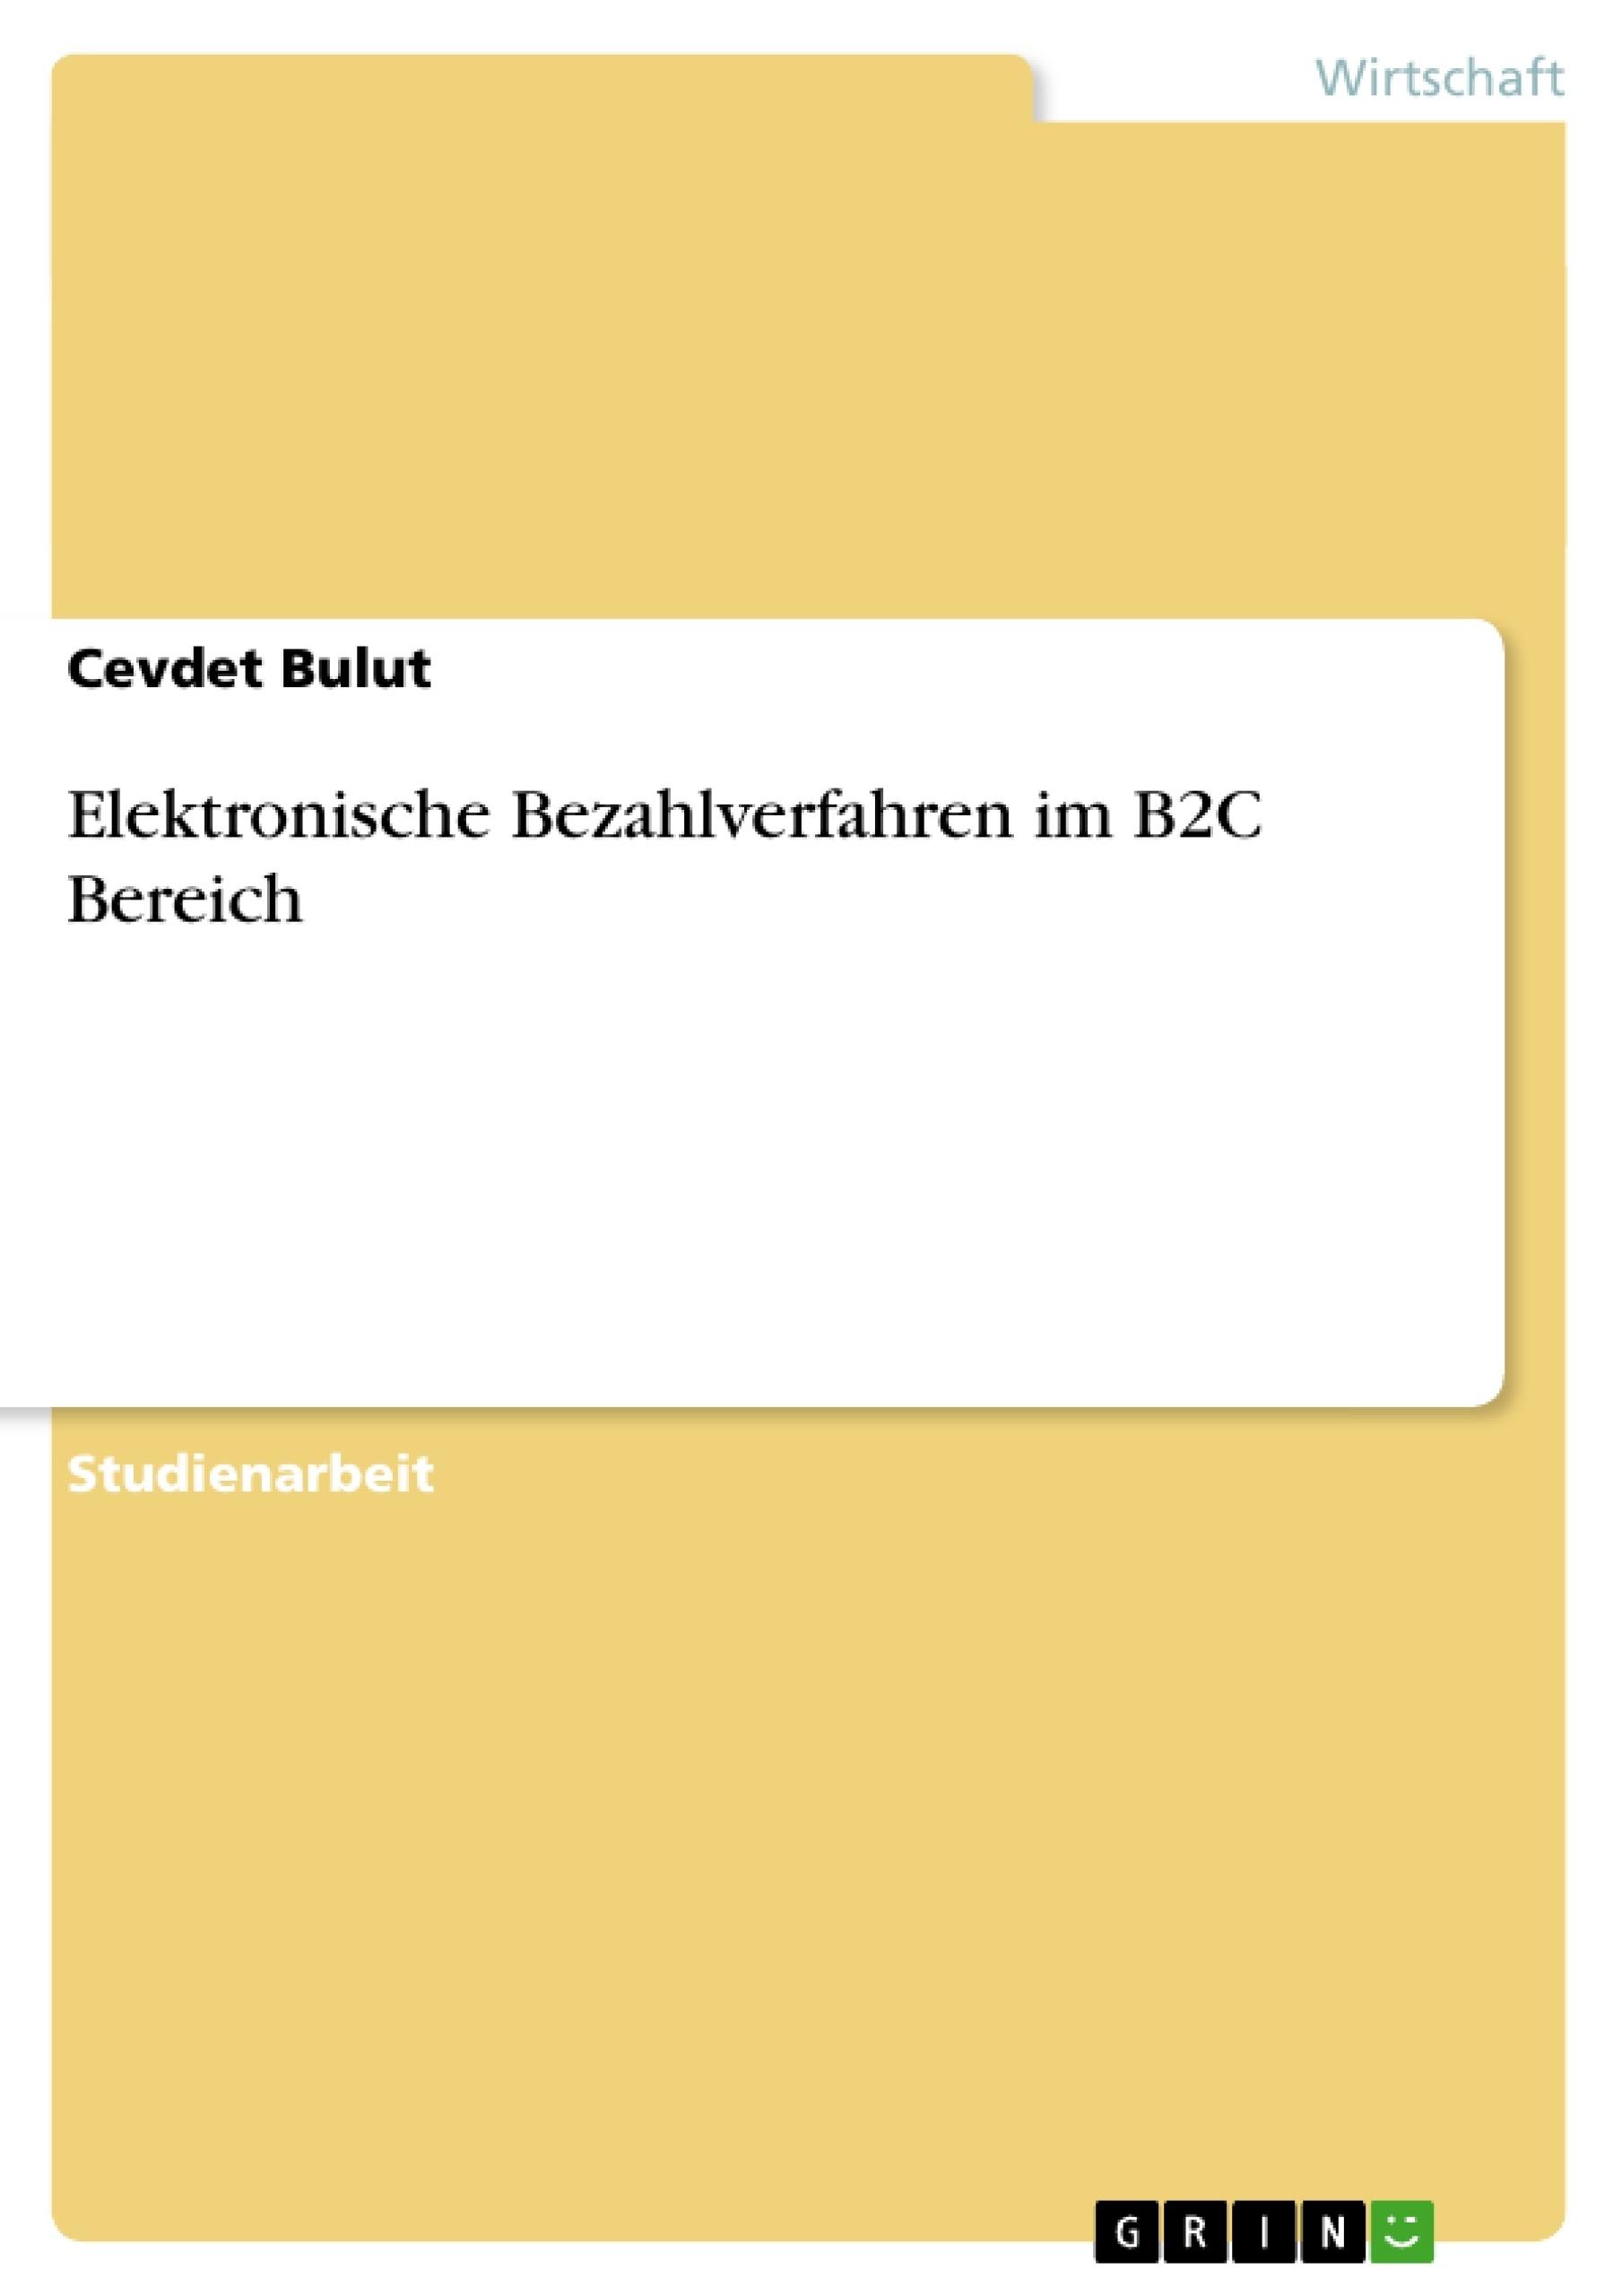 Titel: Elektronische Bezahlverfahren im B2C Bereich